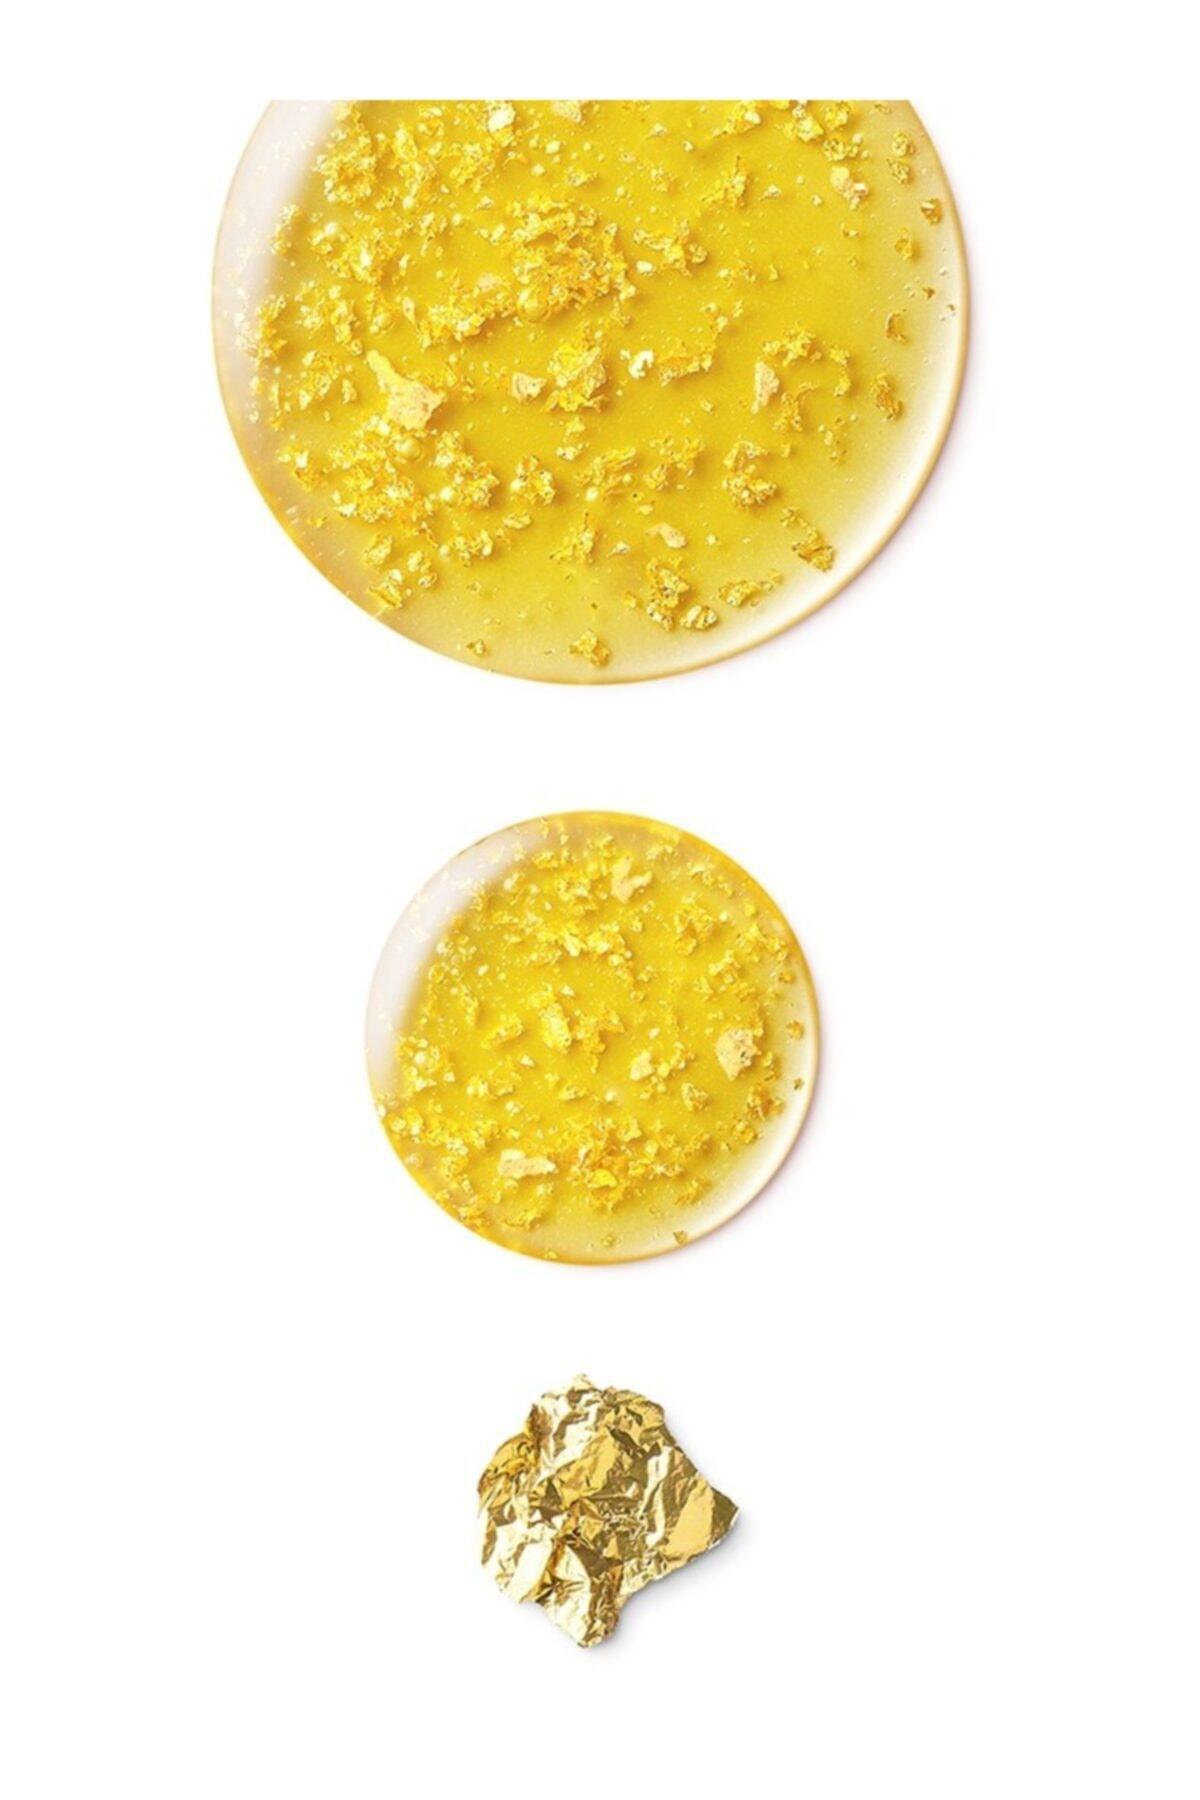 Darphin Altın Tanecikli Aromatik Bakım- 8-Flower Golden Nectar Youth Renewing 30 ml 882381096724 2